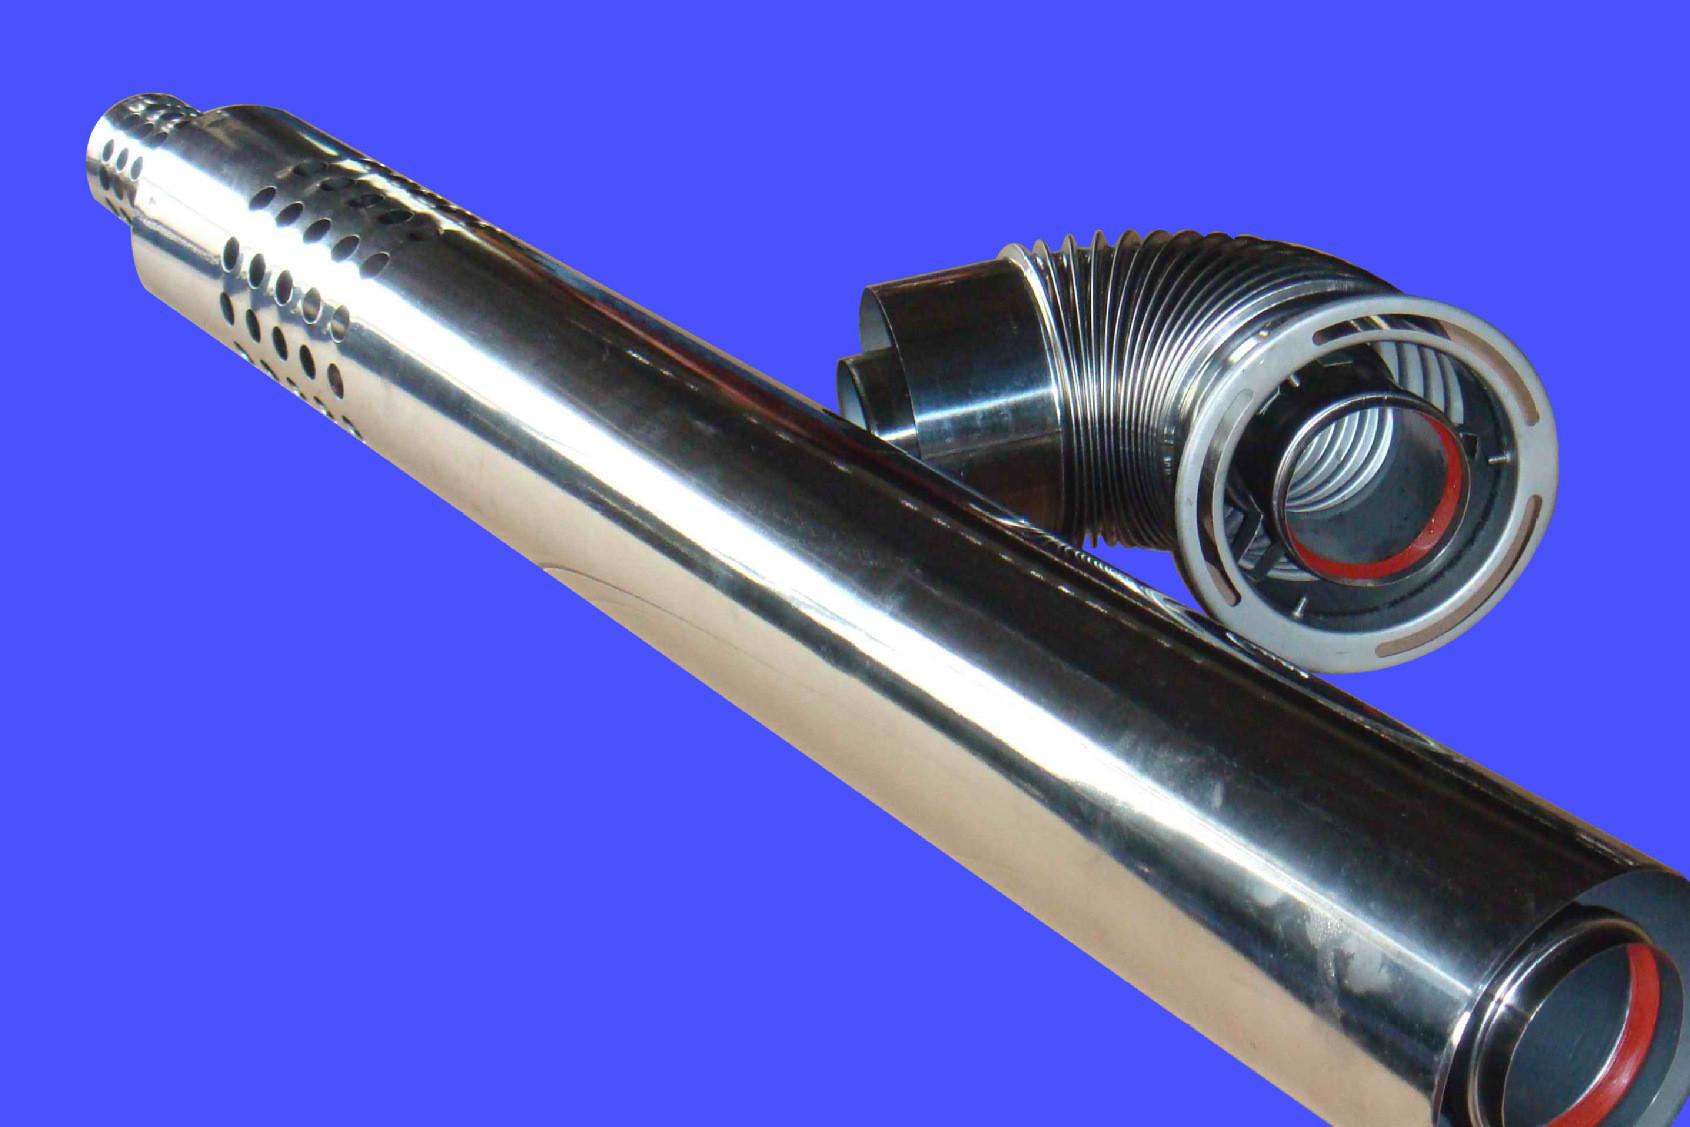 燃气热水器排烟管 壁挂炉排烟管 平衡式强排排烟